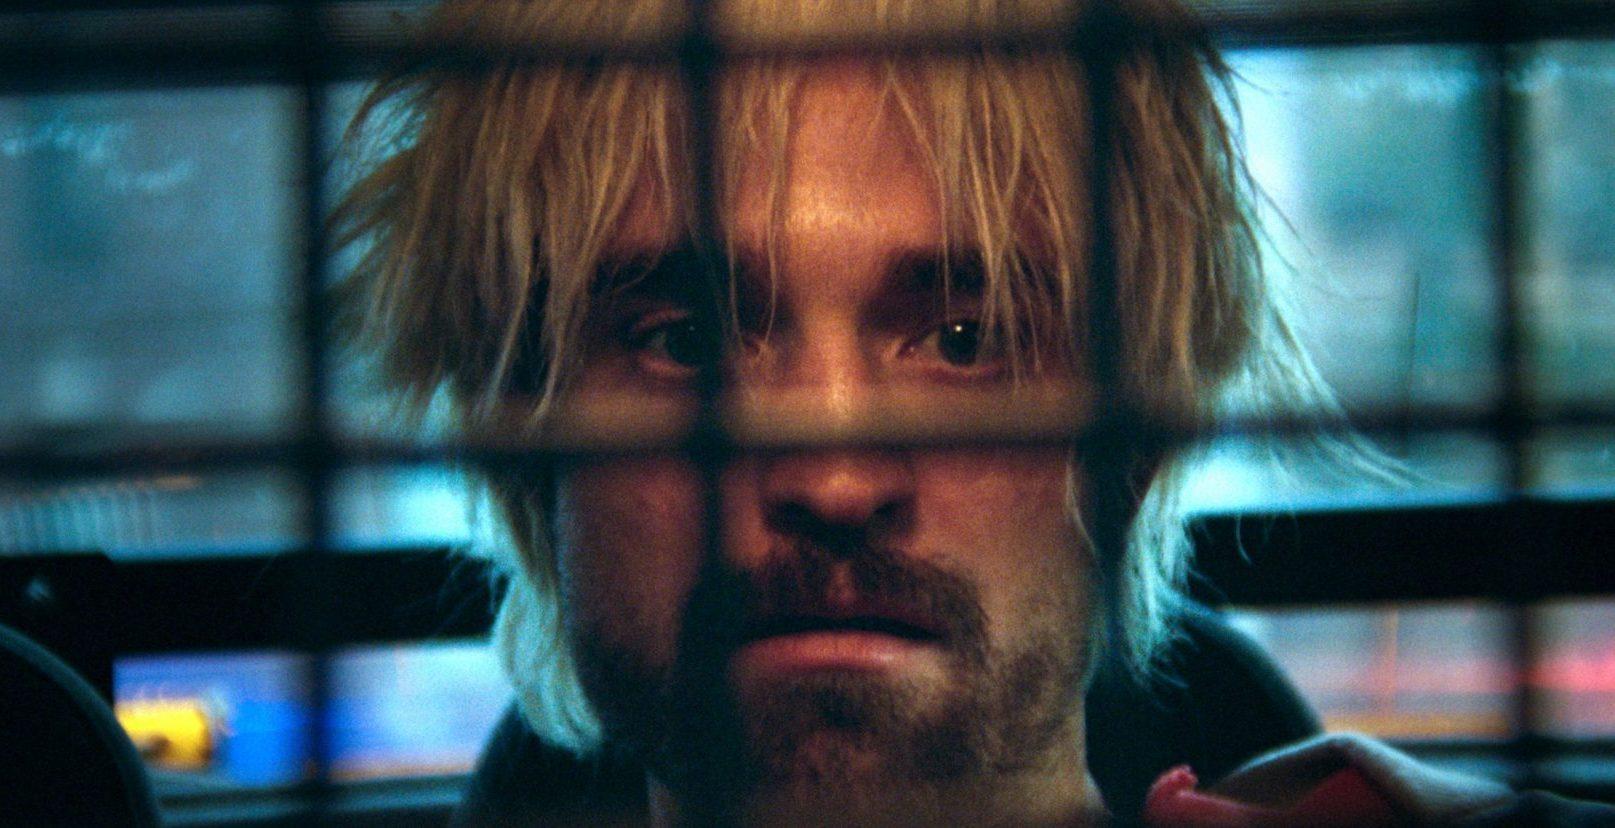 有雷影評/電影《原鑽》好看到吐 證明亞當山德勒是當代「最被低估演員」